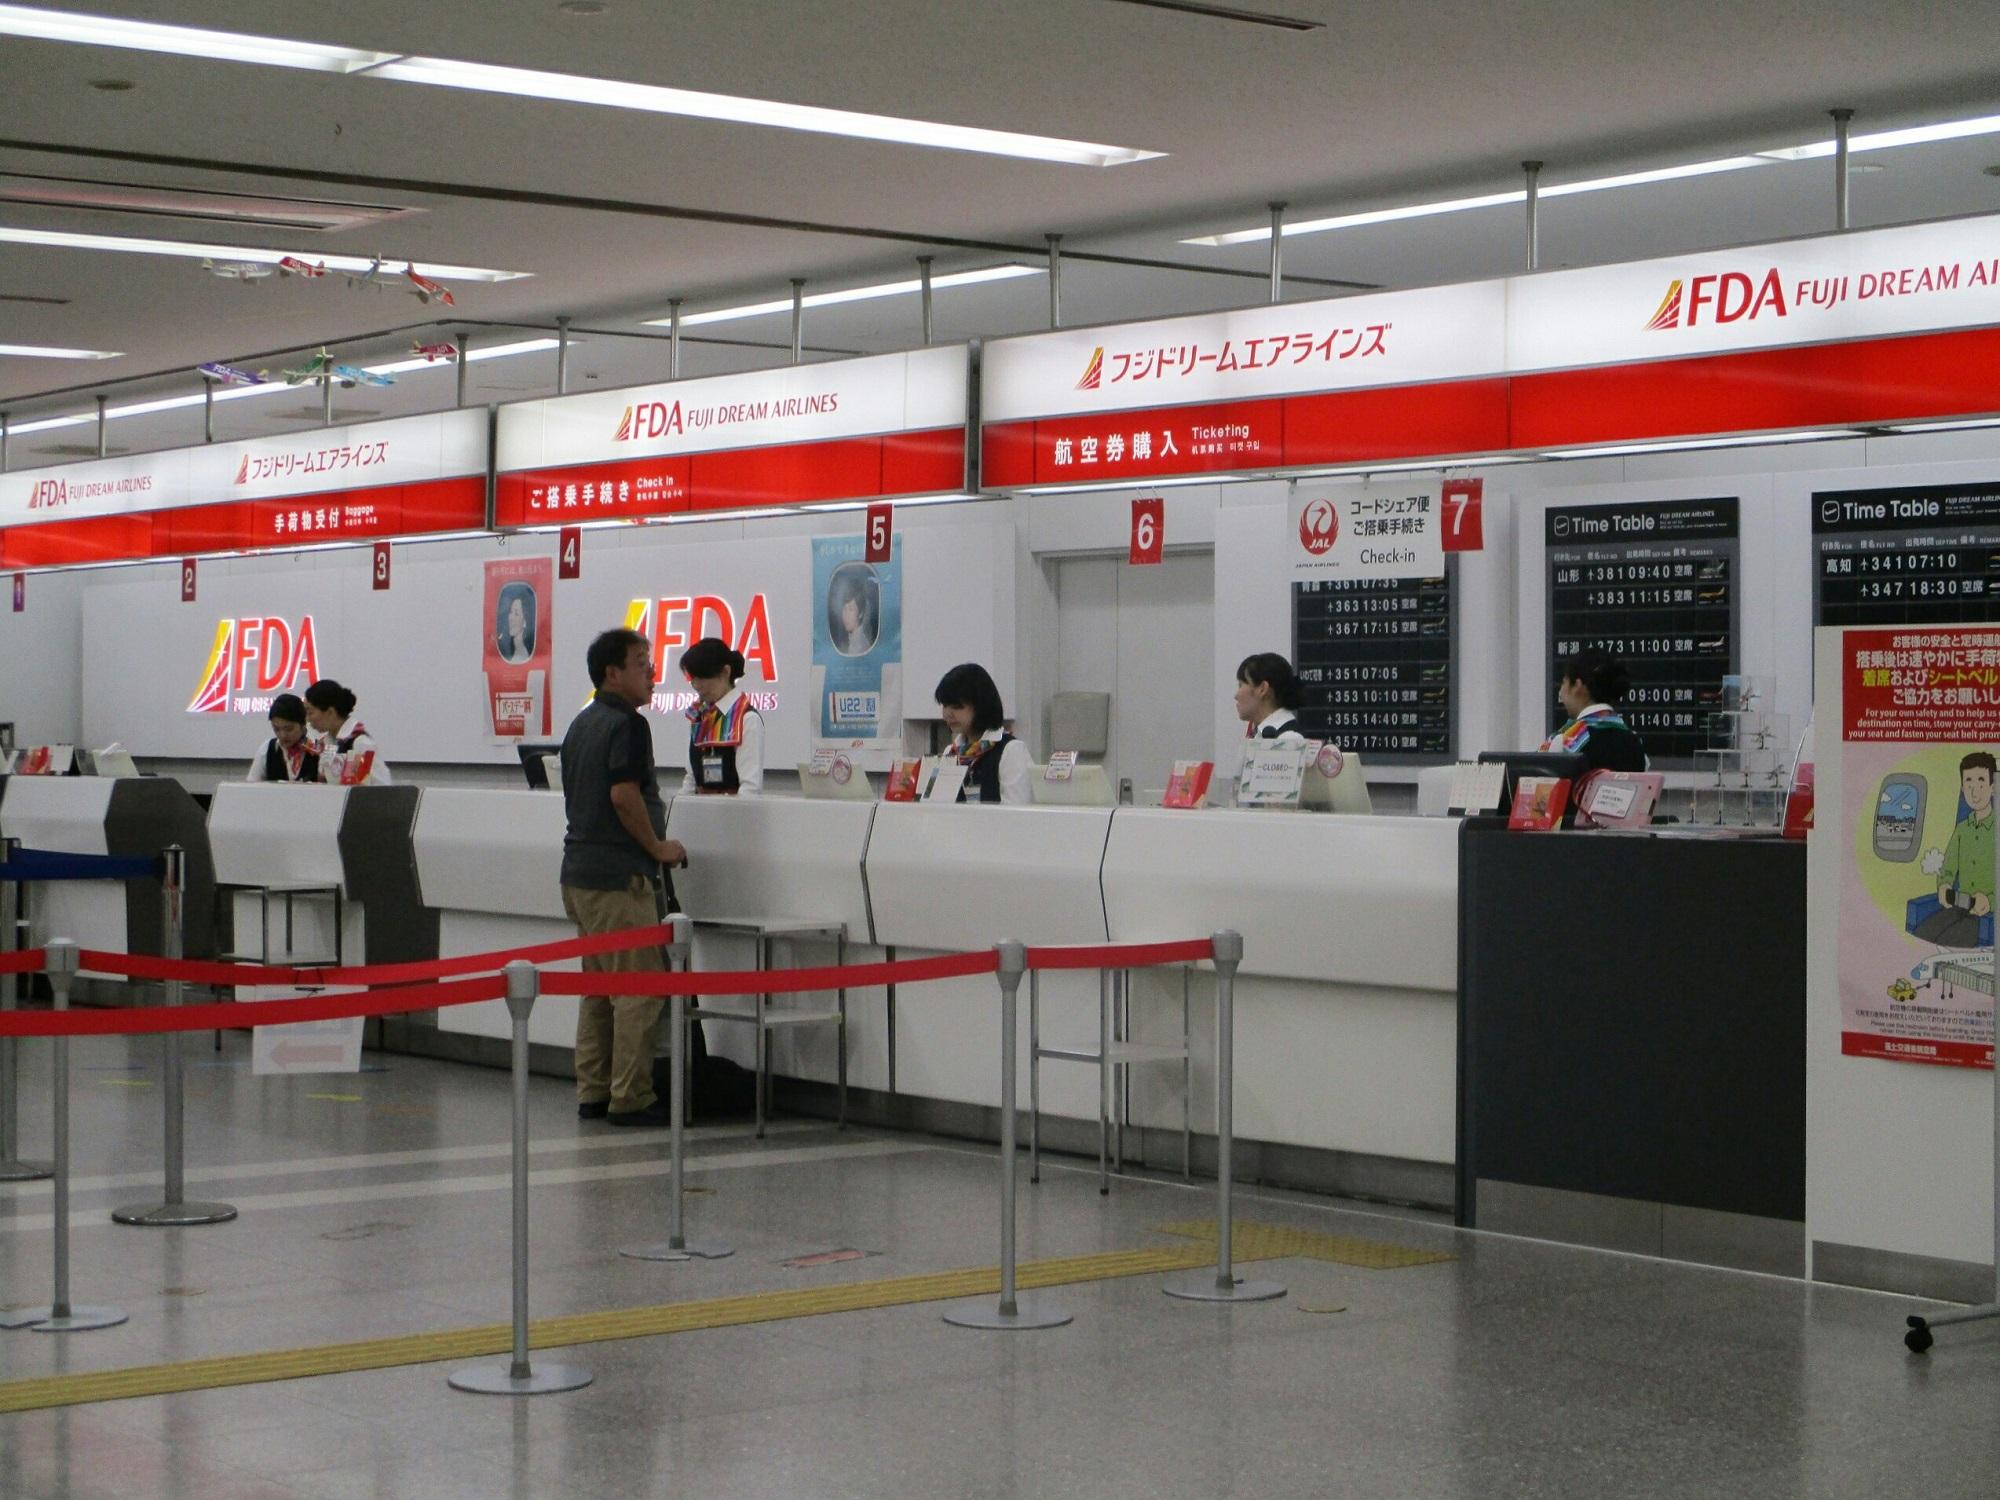 2018.7.6 (5) 名古屋空港 - FDAカウンター 2000-1500